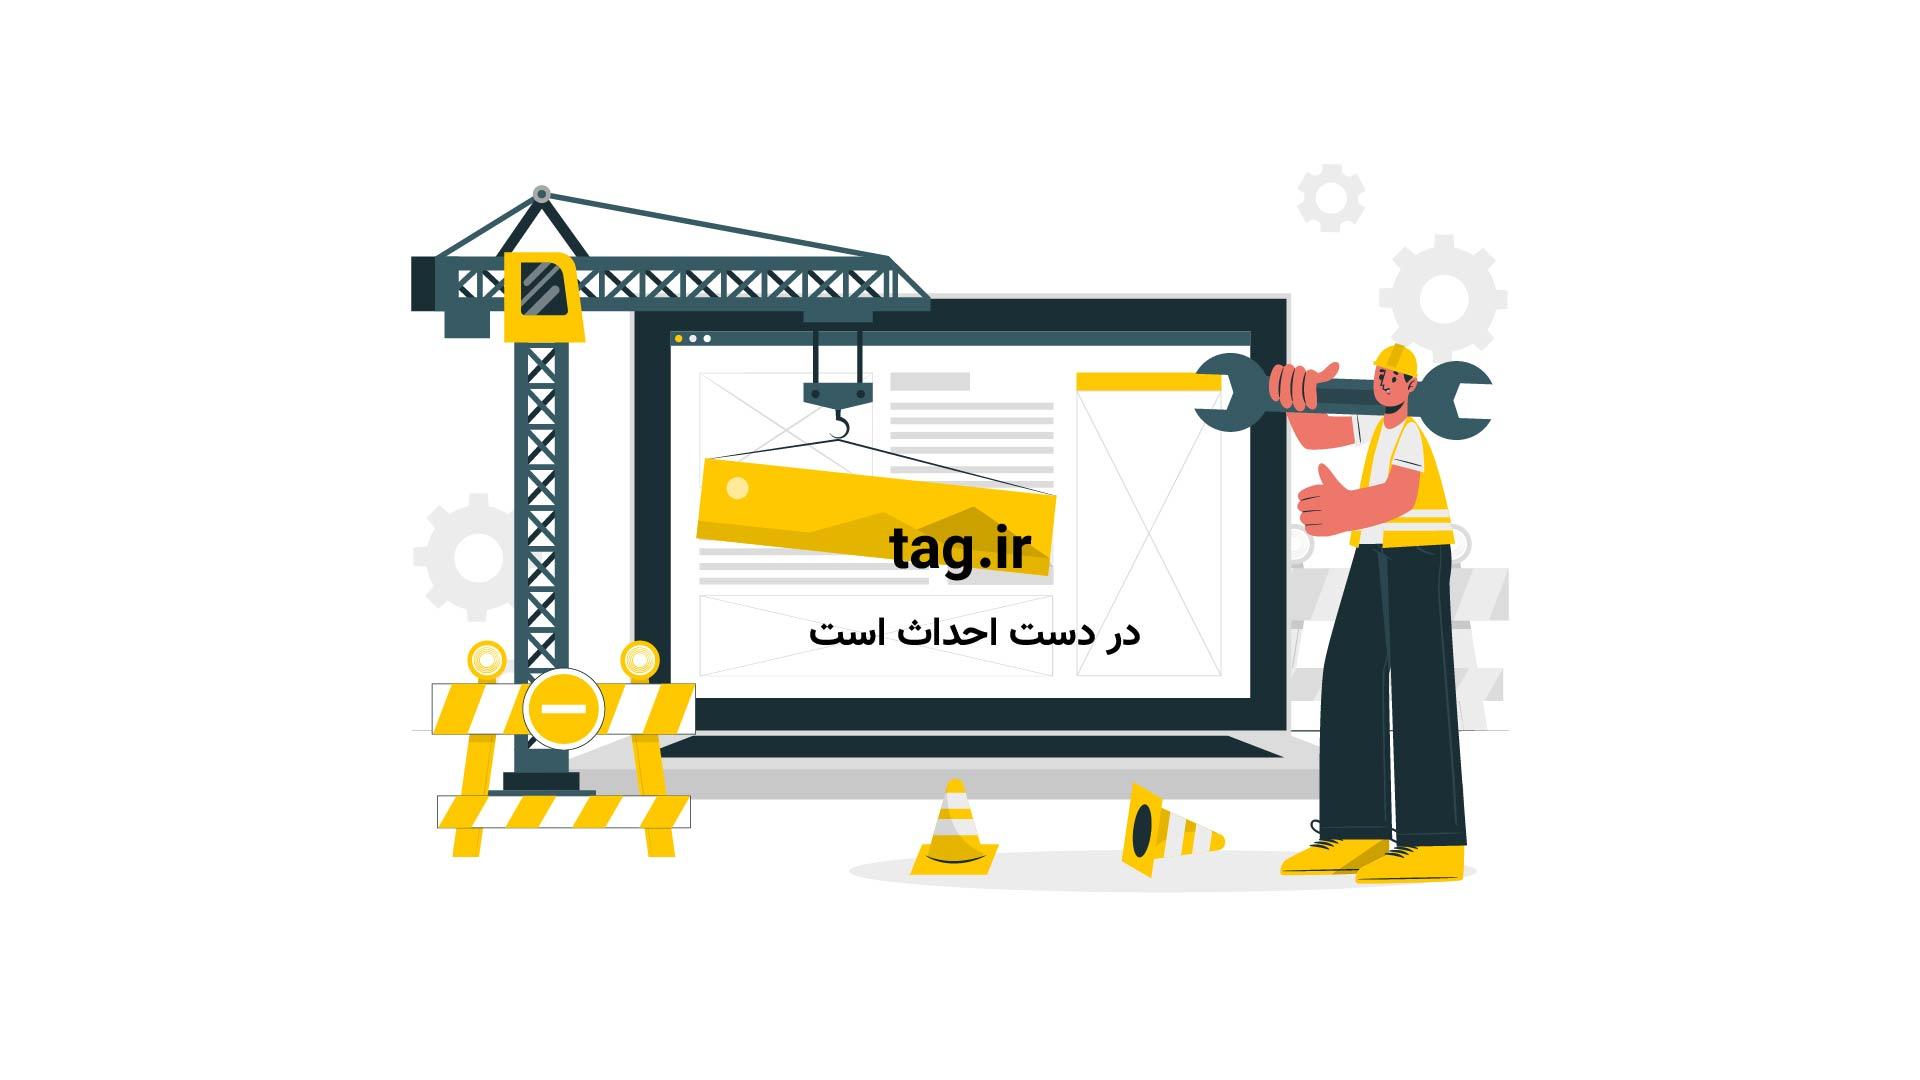 عناوین روزنامه های صبح دوشنبه 12 تیر | فیلم